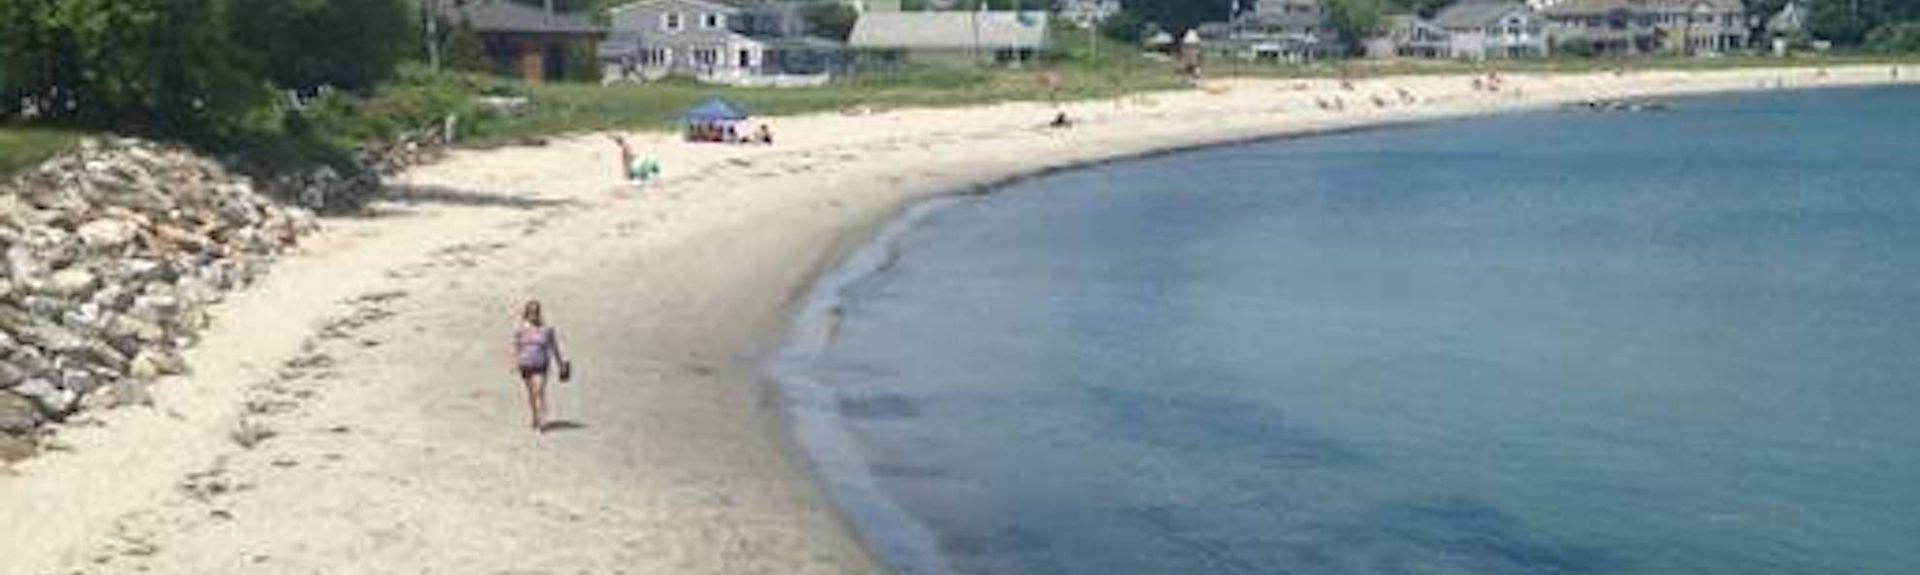 Plage de Willard Beach, South Portland, Maine, États-Unis d'Amérique